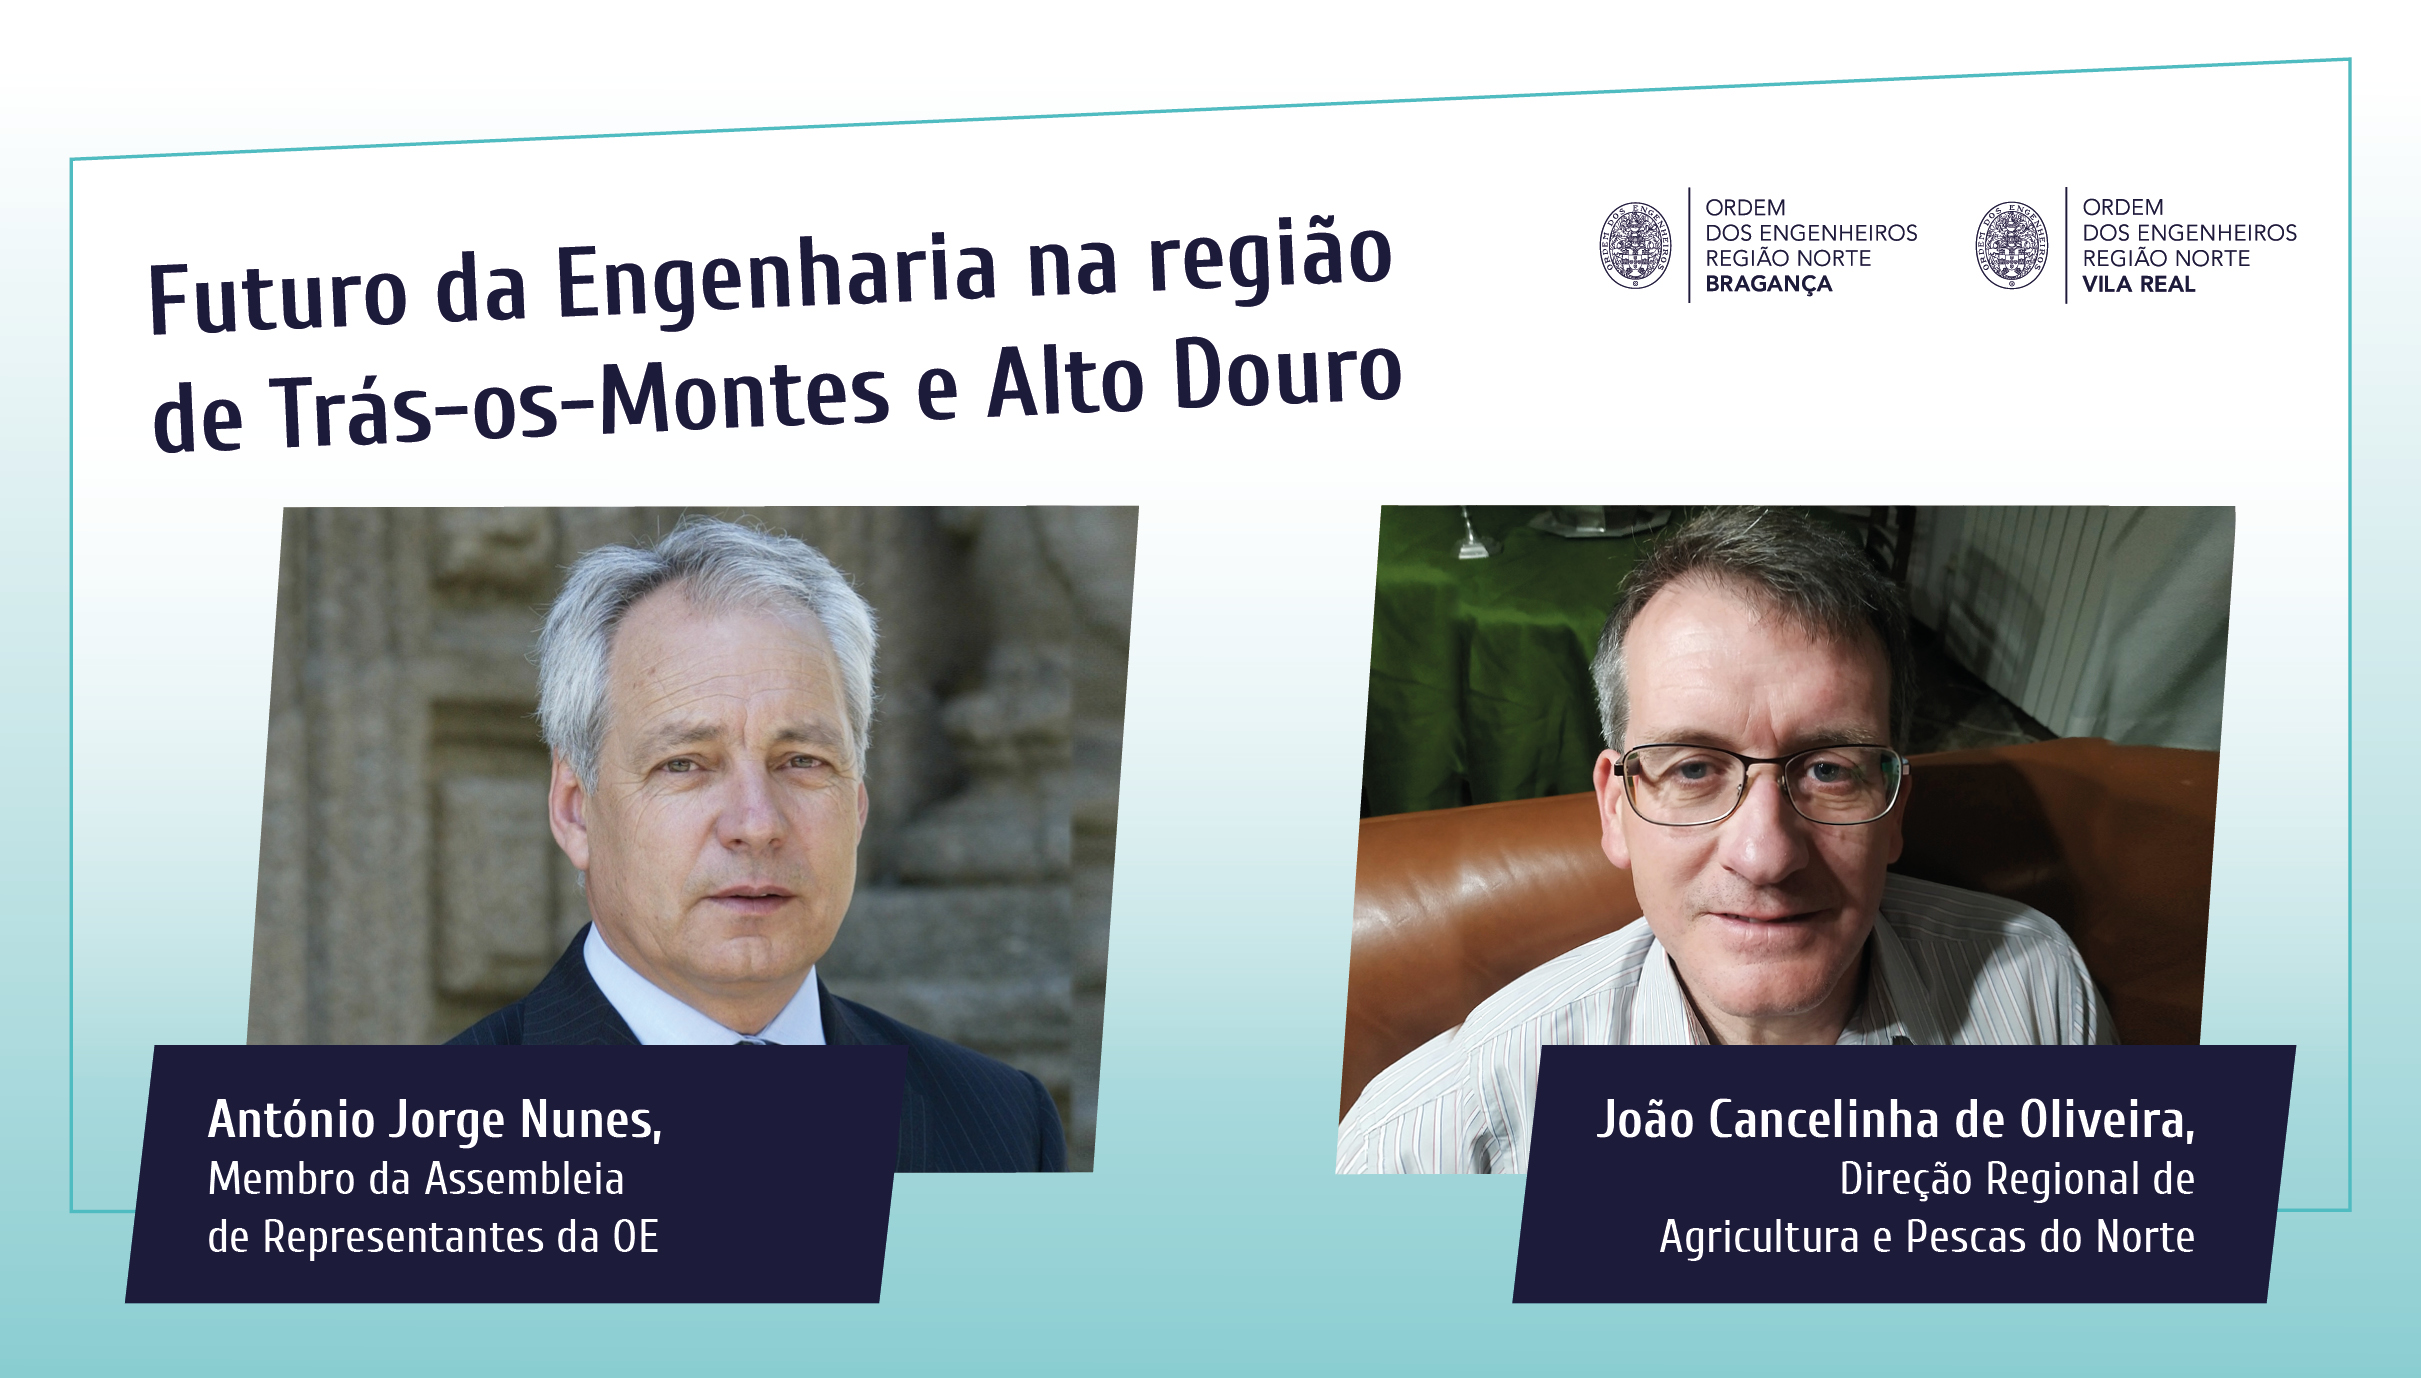 Plataforma Notícias Ordem Engenheiros Região Norte - O futuro da Engenharia na região de Trás-os-Montes e Alto Douro